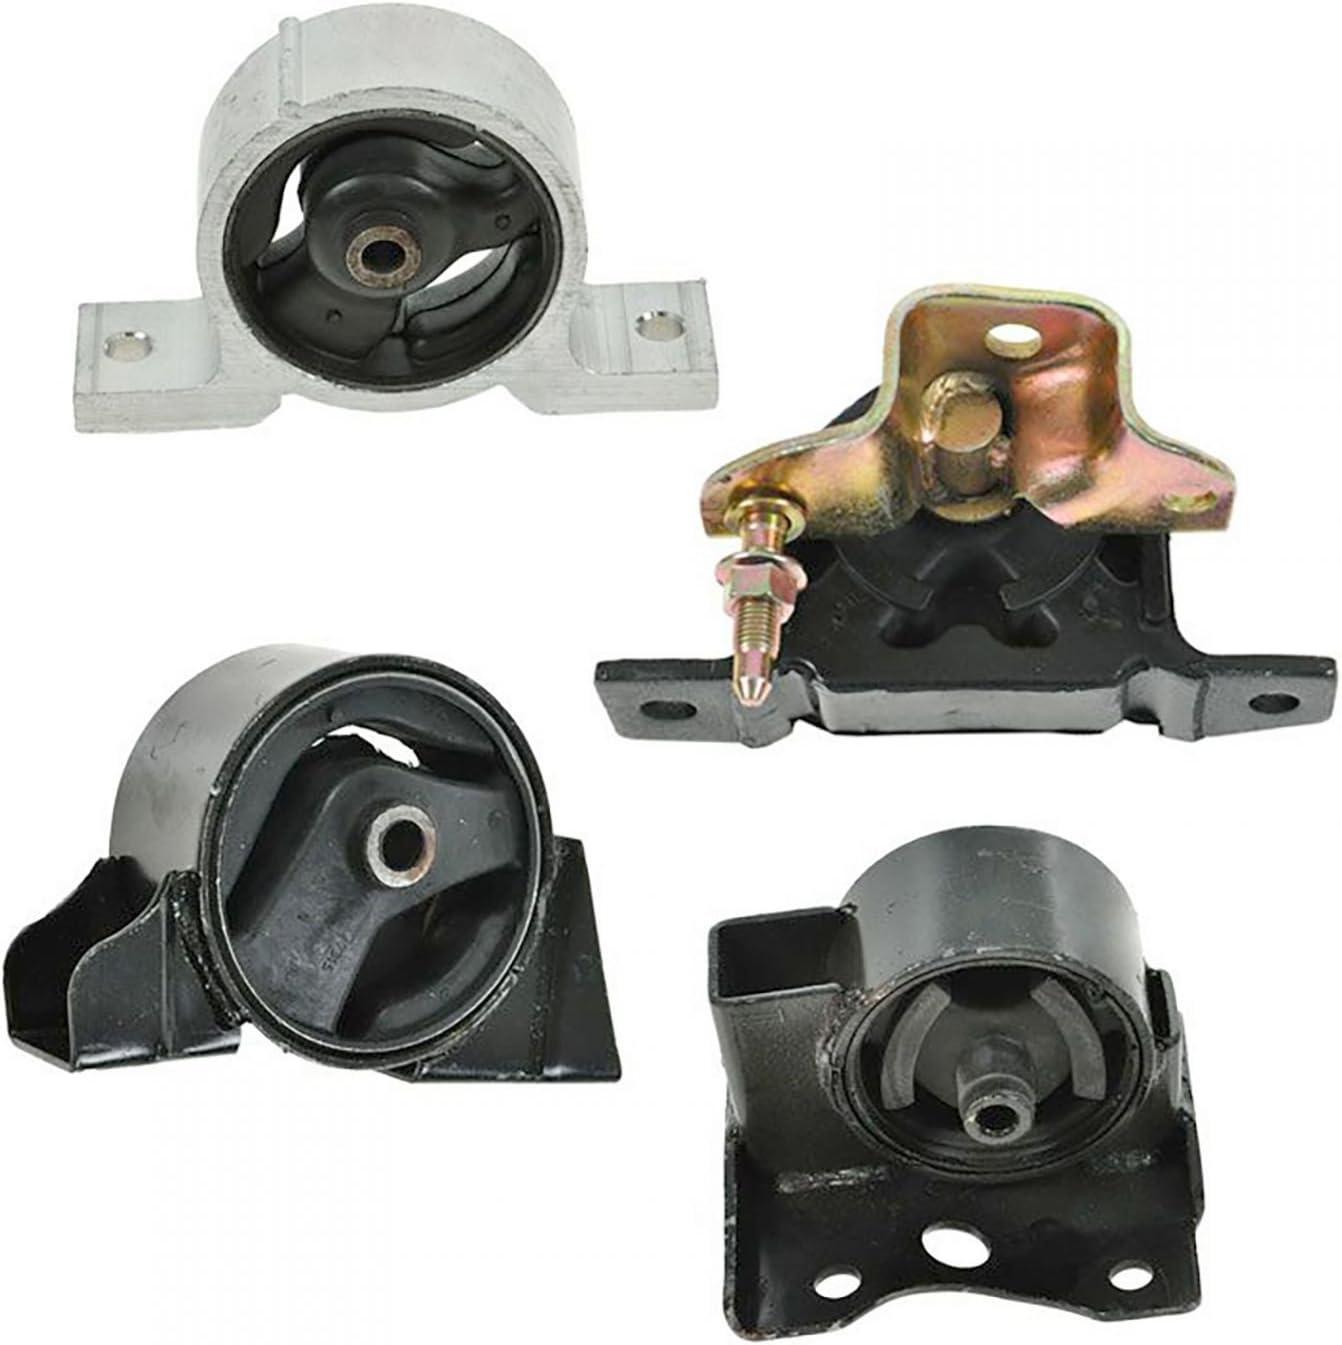 Full Kit Trans Engine /& Motor Mounts Kit G045 For 2000-2006 Nissan Sentra 1.8L